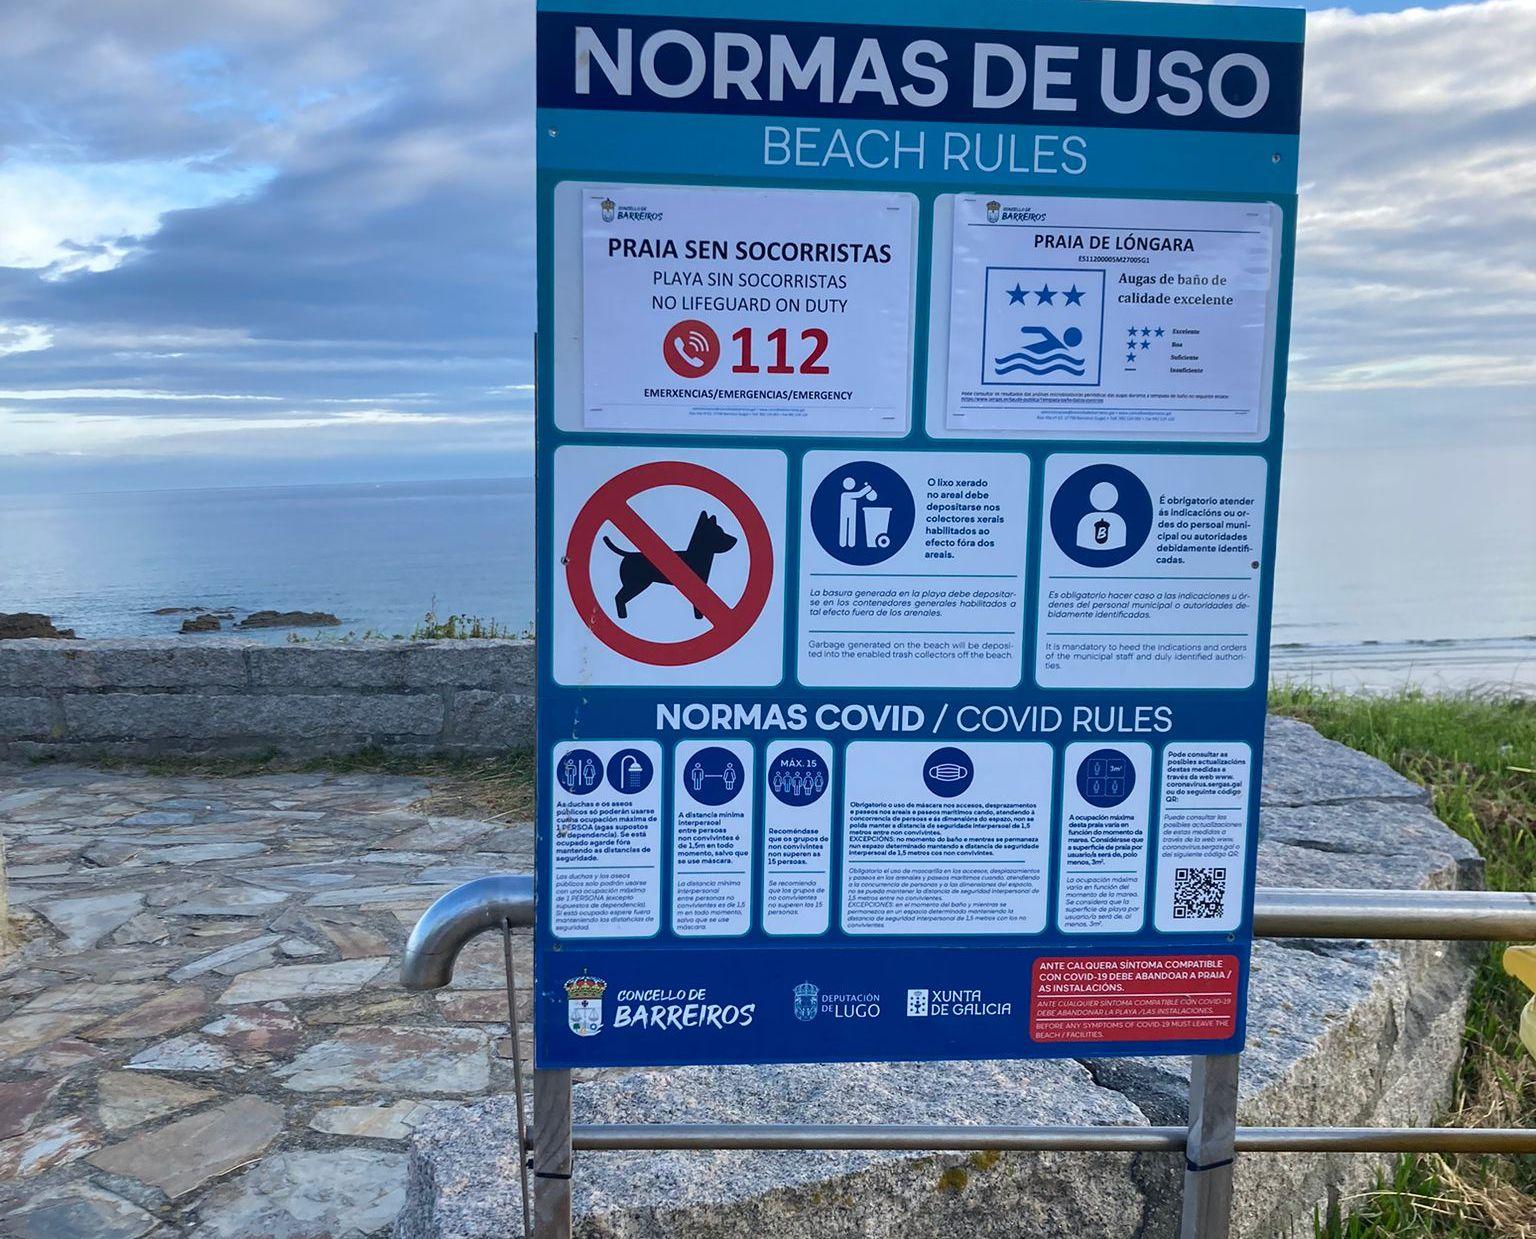 A saúde das praias de Barreiros é excelente, segundo o control realizado por Saúde pública